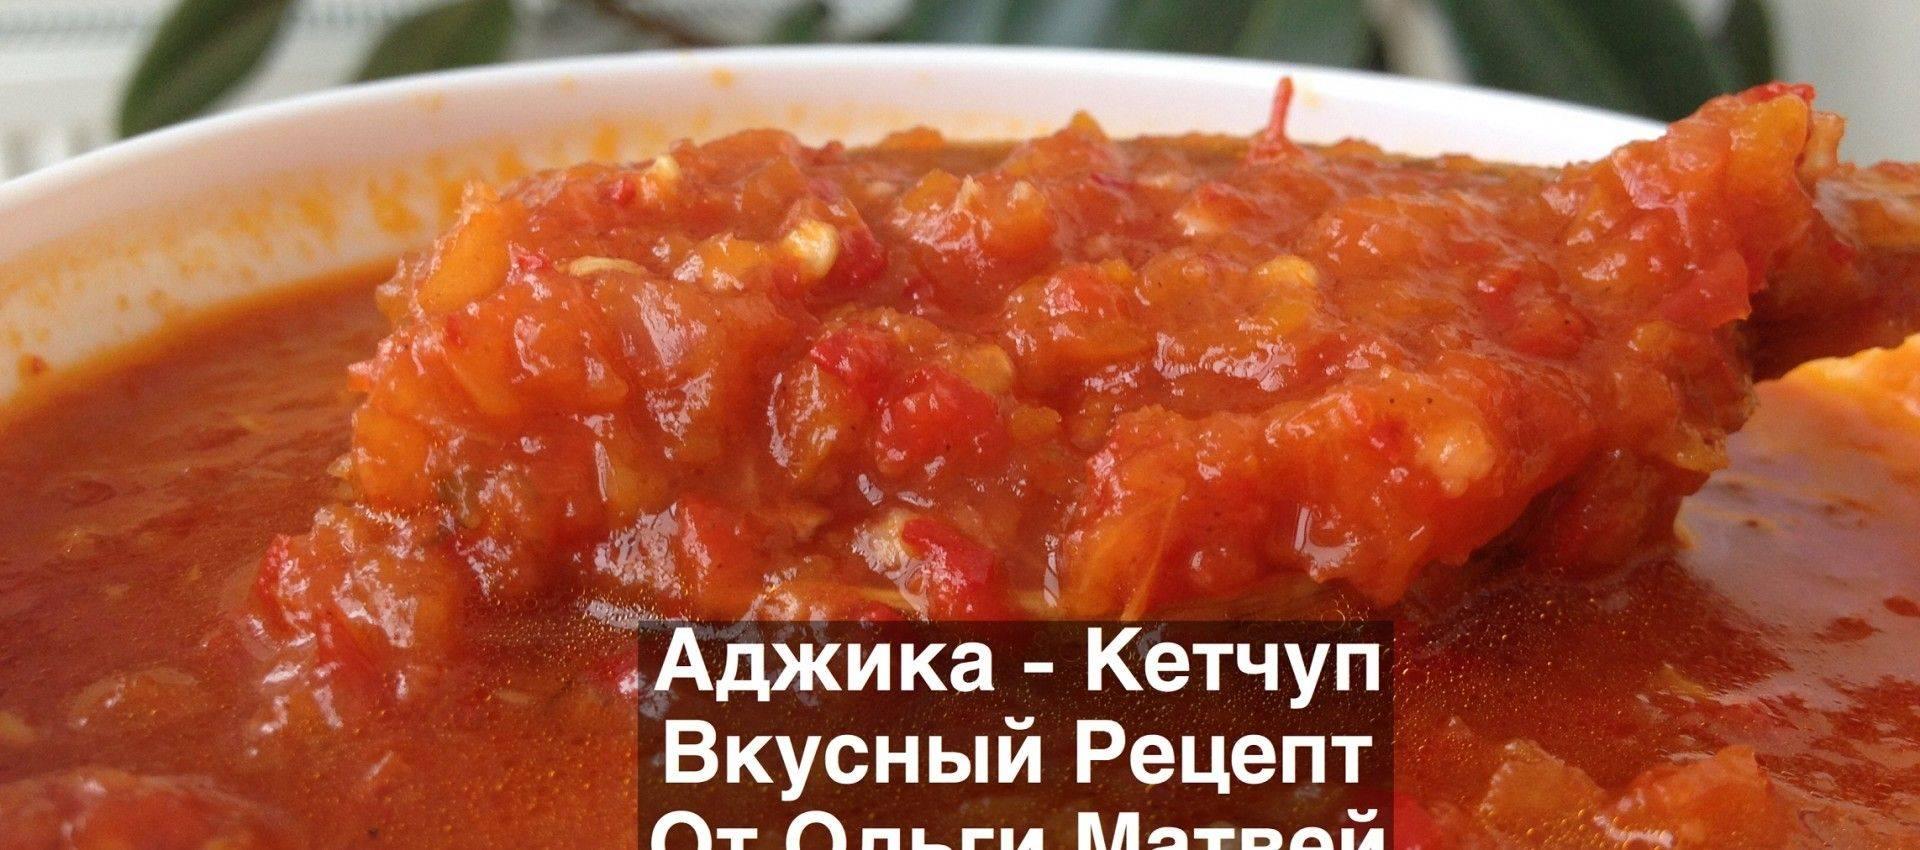 Рецепт живой аджики с аспирином. рецепты приготовления аджики с аспирином на зиму